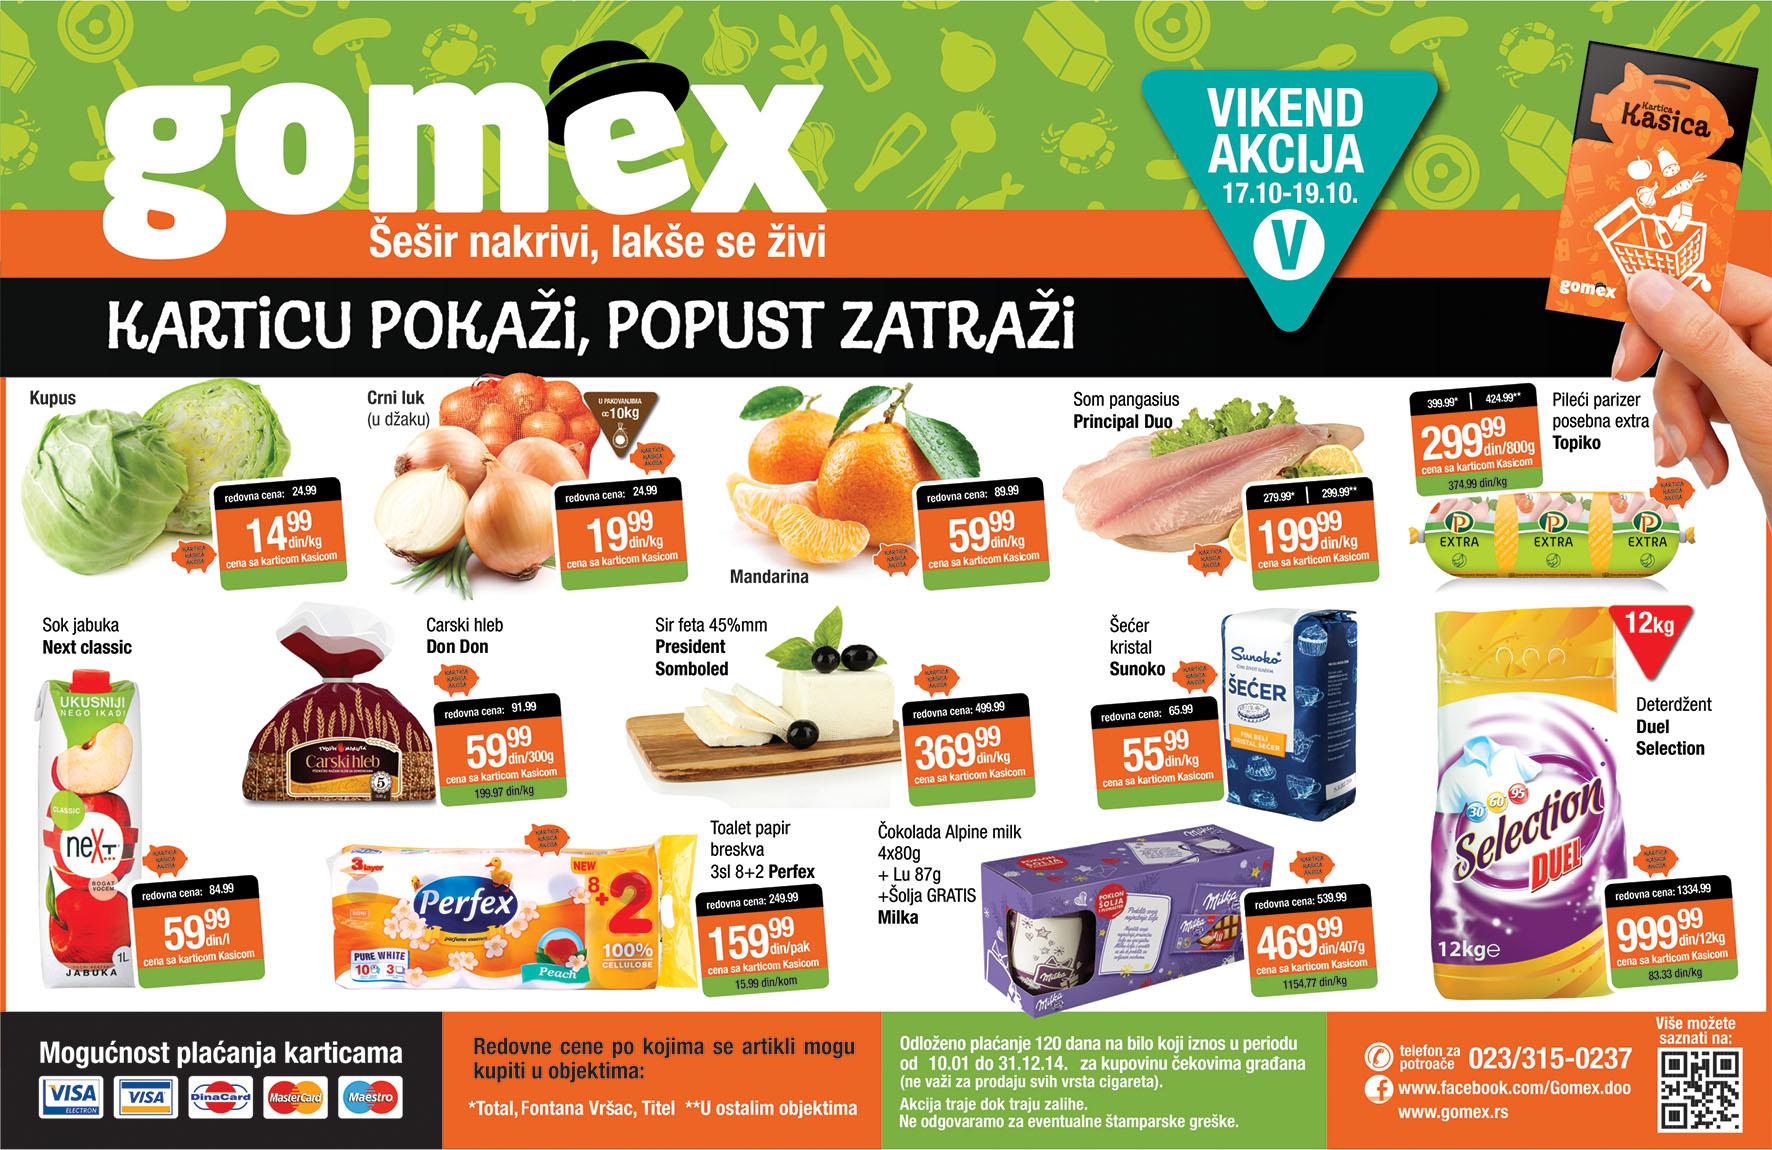 Gomex akcija vikend odlične ponude je spreman